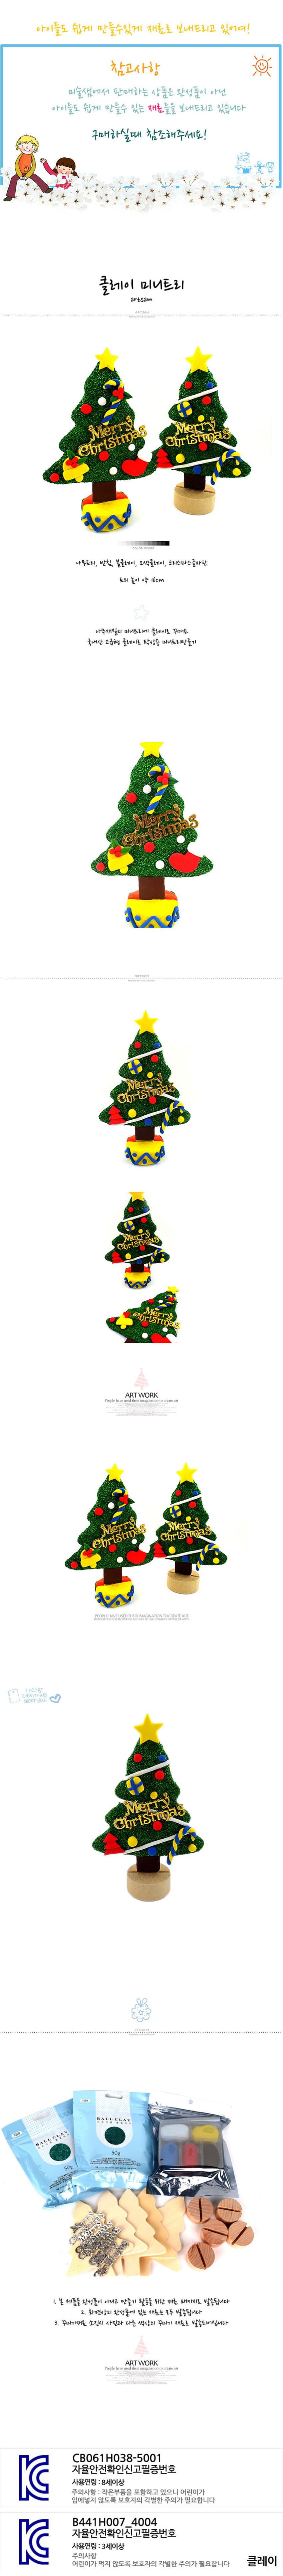 클레이 미니트리 (5인용) / 볼클레이 장식소품 - 청양토이, 15,000원, 클레이공예, 클레이공예 만들기 패키지